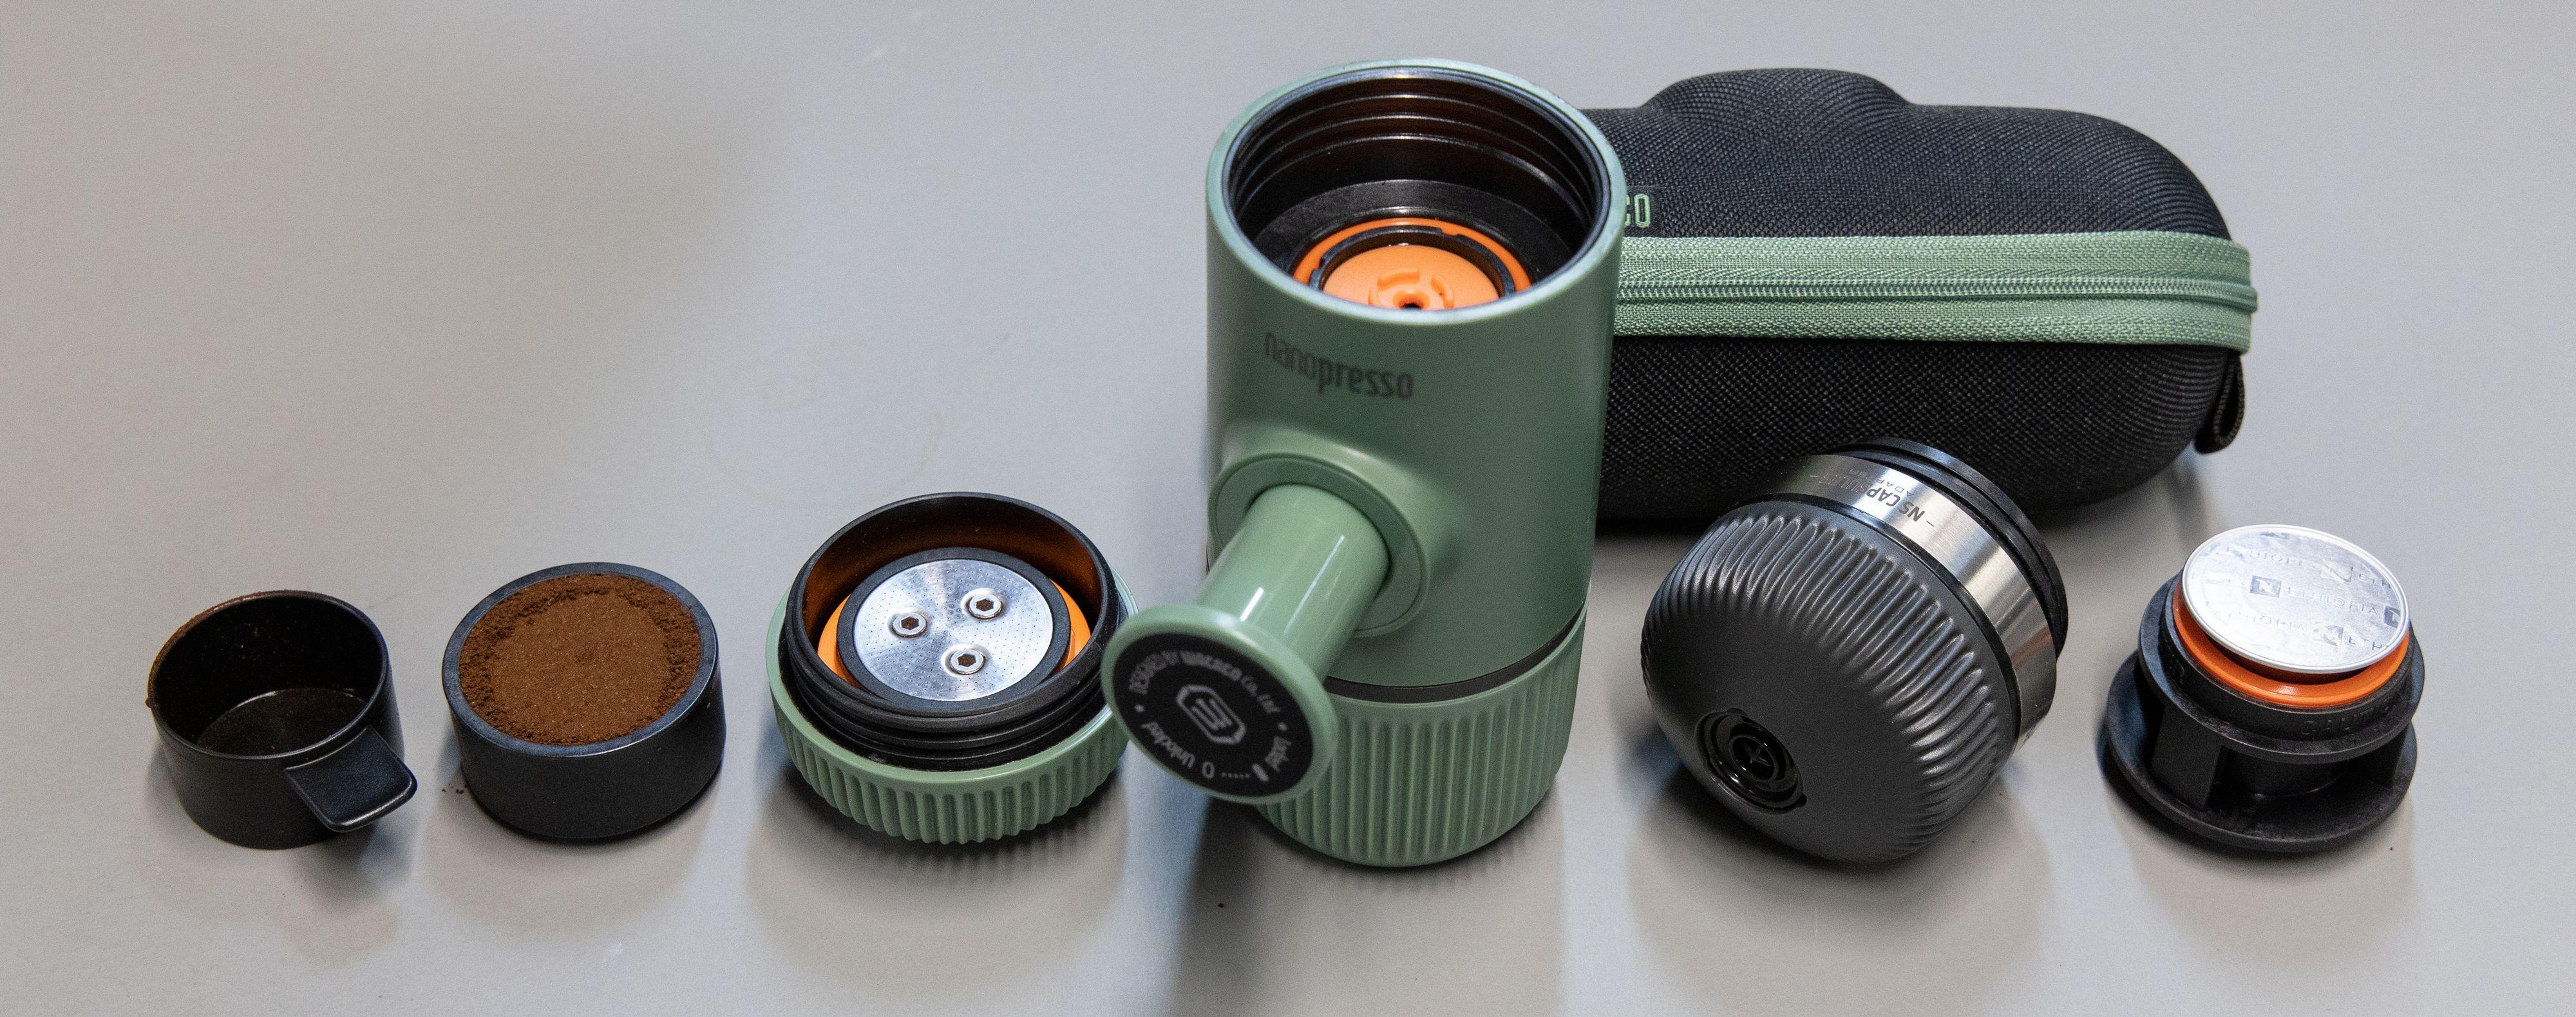 Til venstre for pumpeenheten ligger espresso-adapteren med tilbehør, mens til høyre for den ligger NS-adapteren som tar imot Nespresso-kapsler.